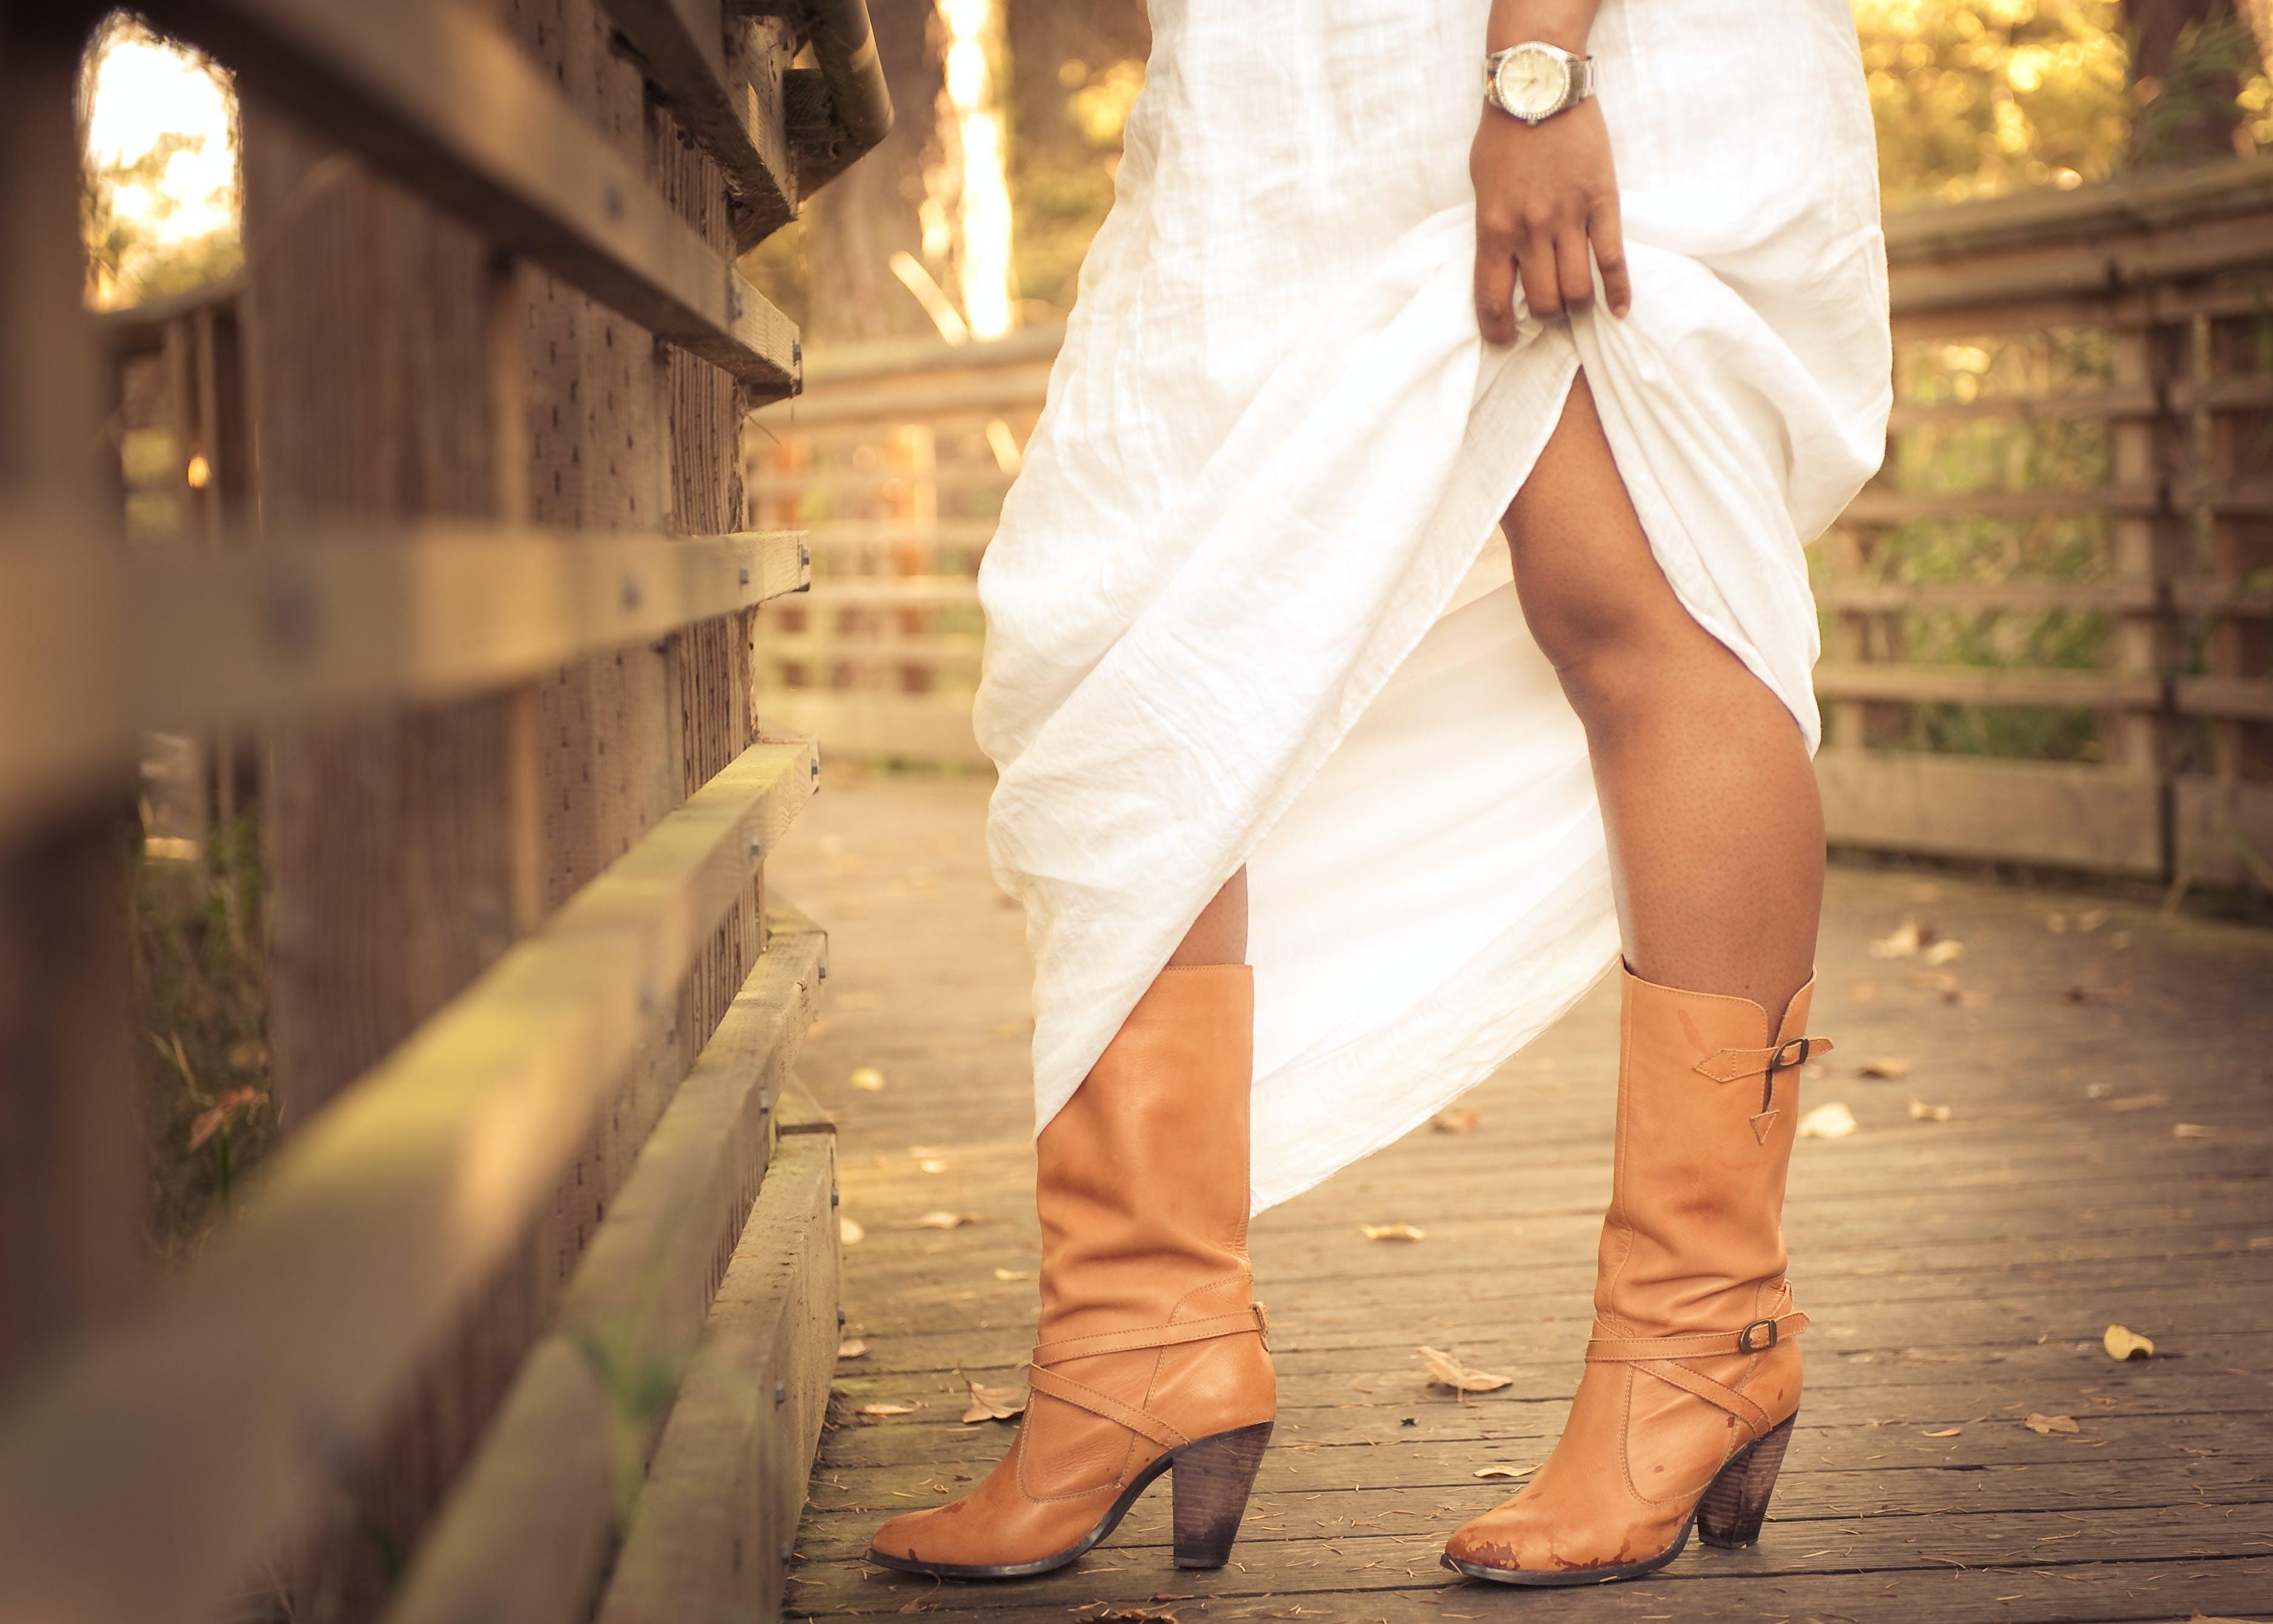 Gratis lagerfoto af fodtøj, fødder, kjole, mode